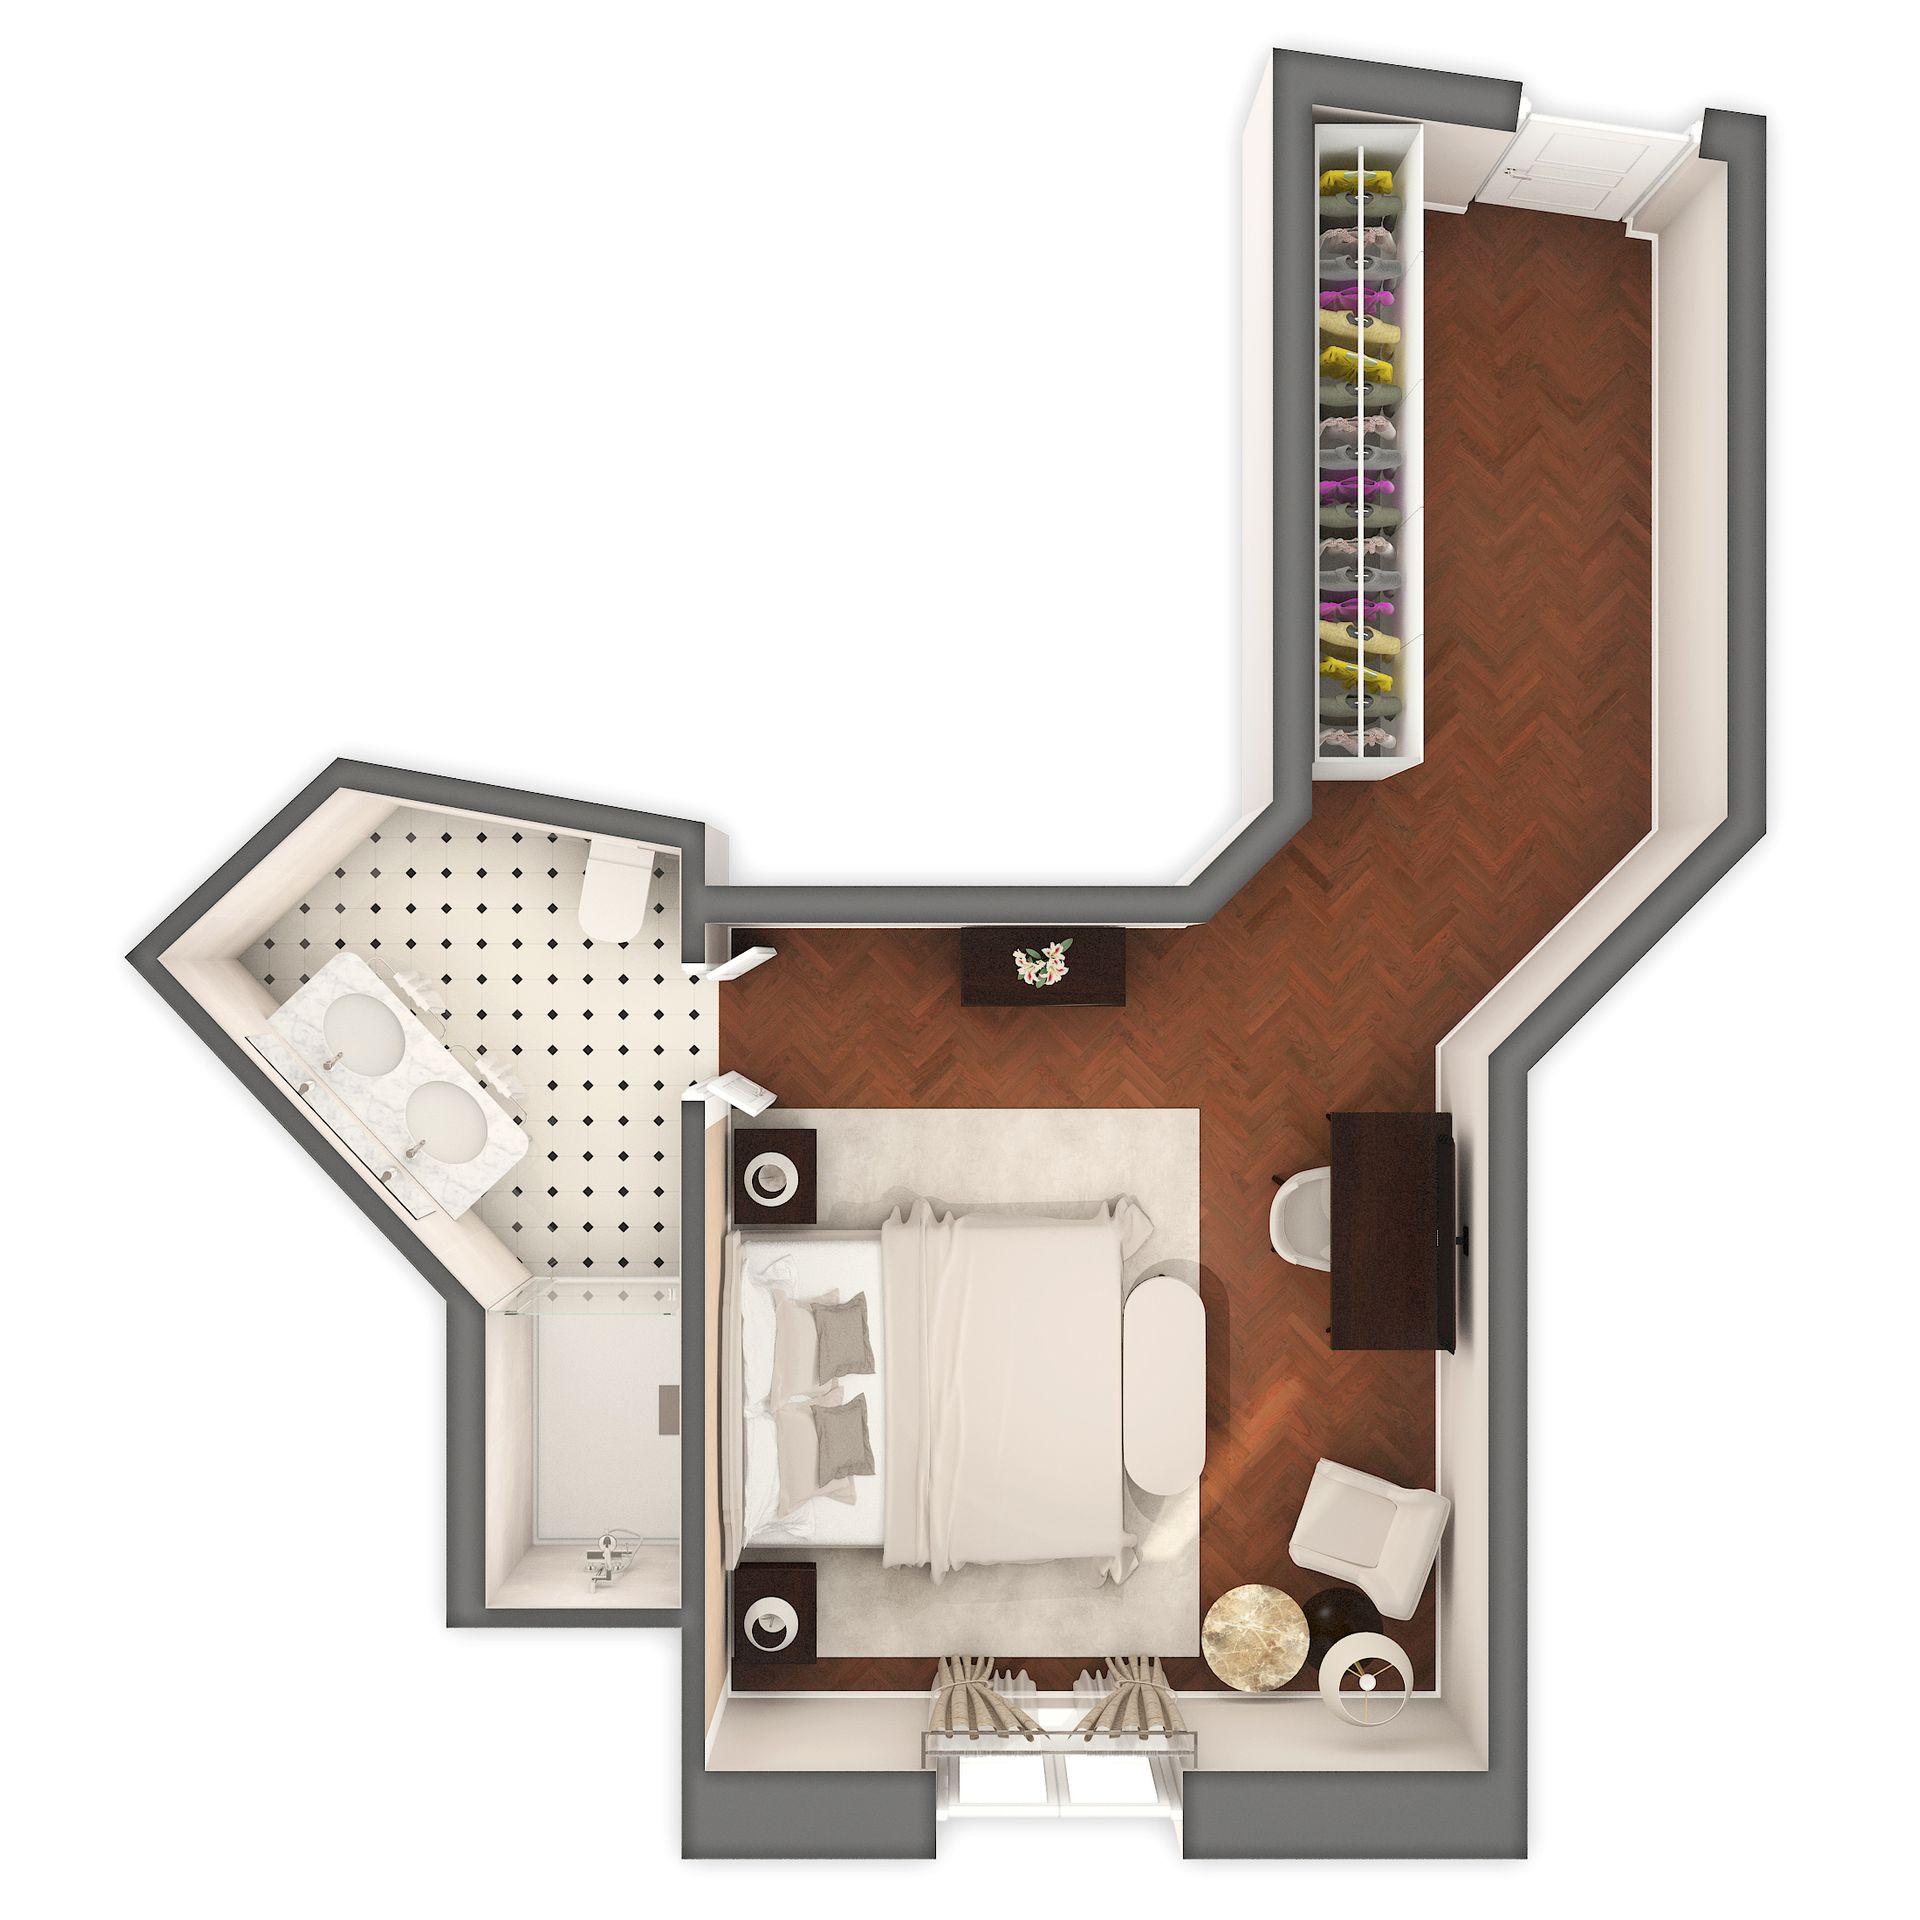 Deluxe Dvokrevetna Soba Povijesna Villa 28m² Pogled More-4